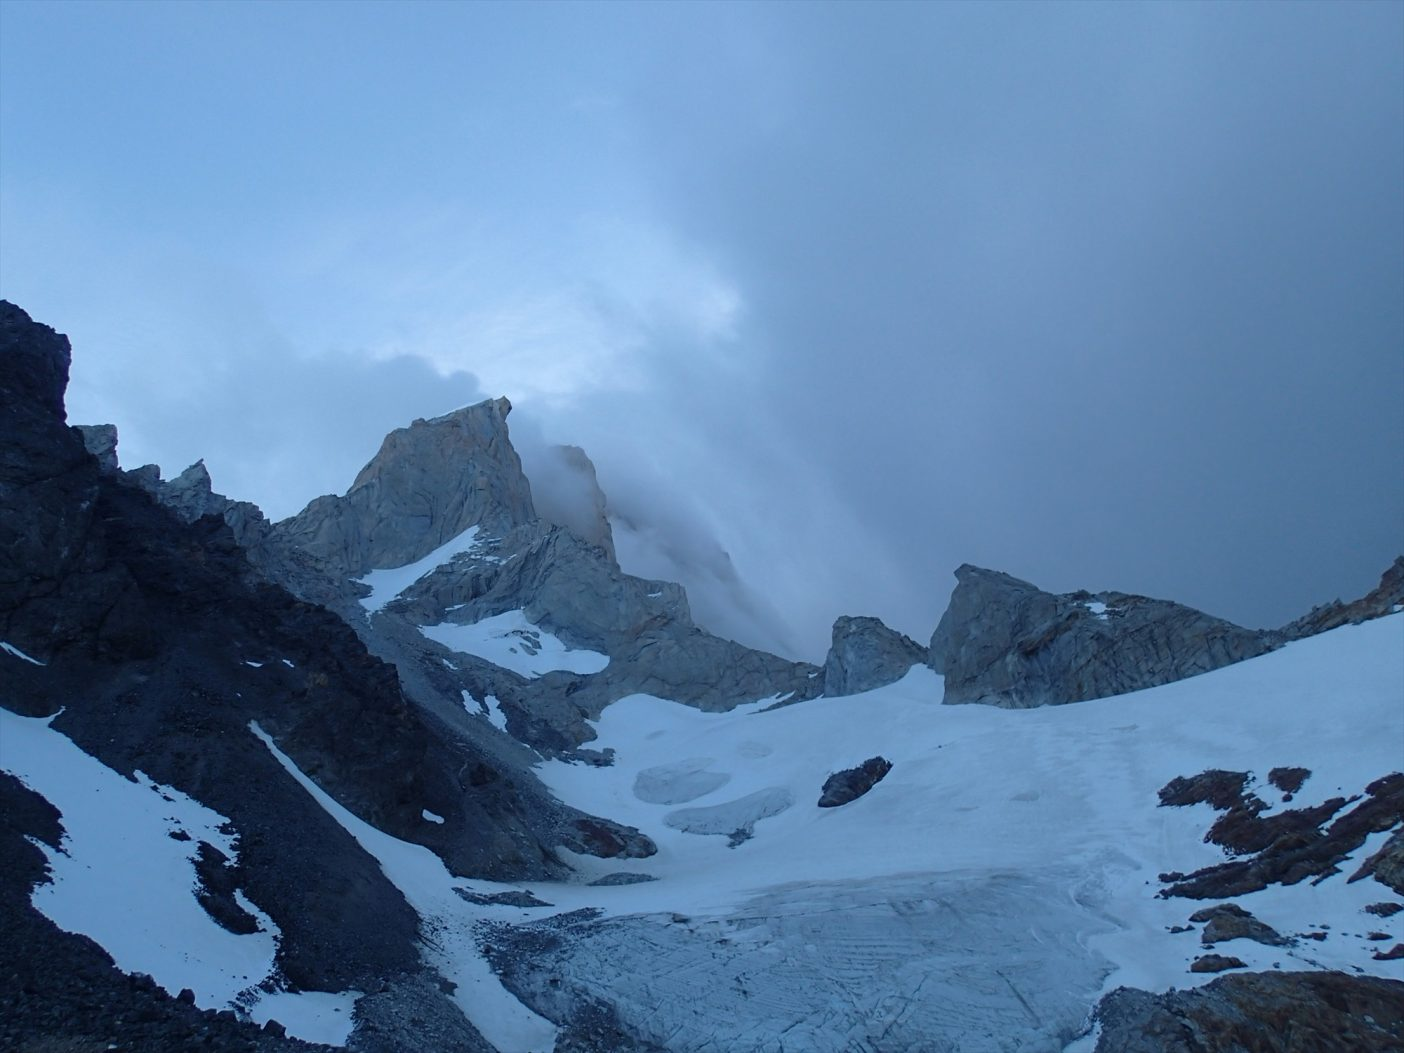 山を下りて振り返ると、フィッツロイはすでに恐ろしげな雲に覆われていた。